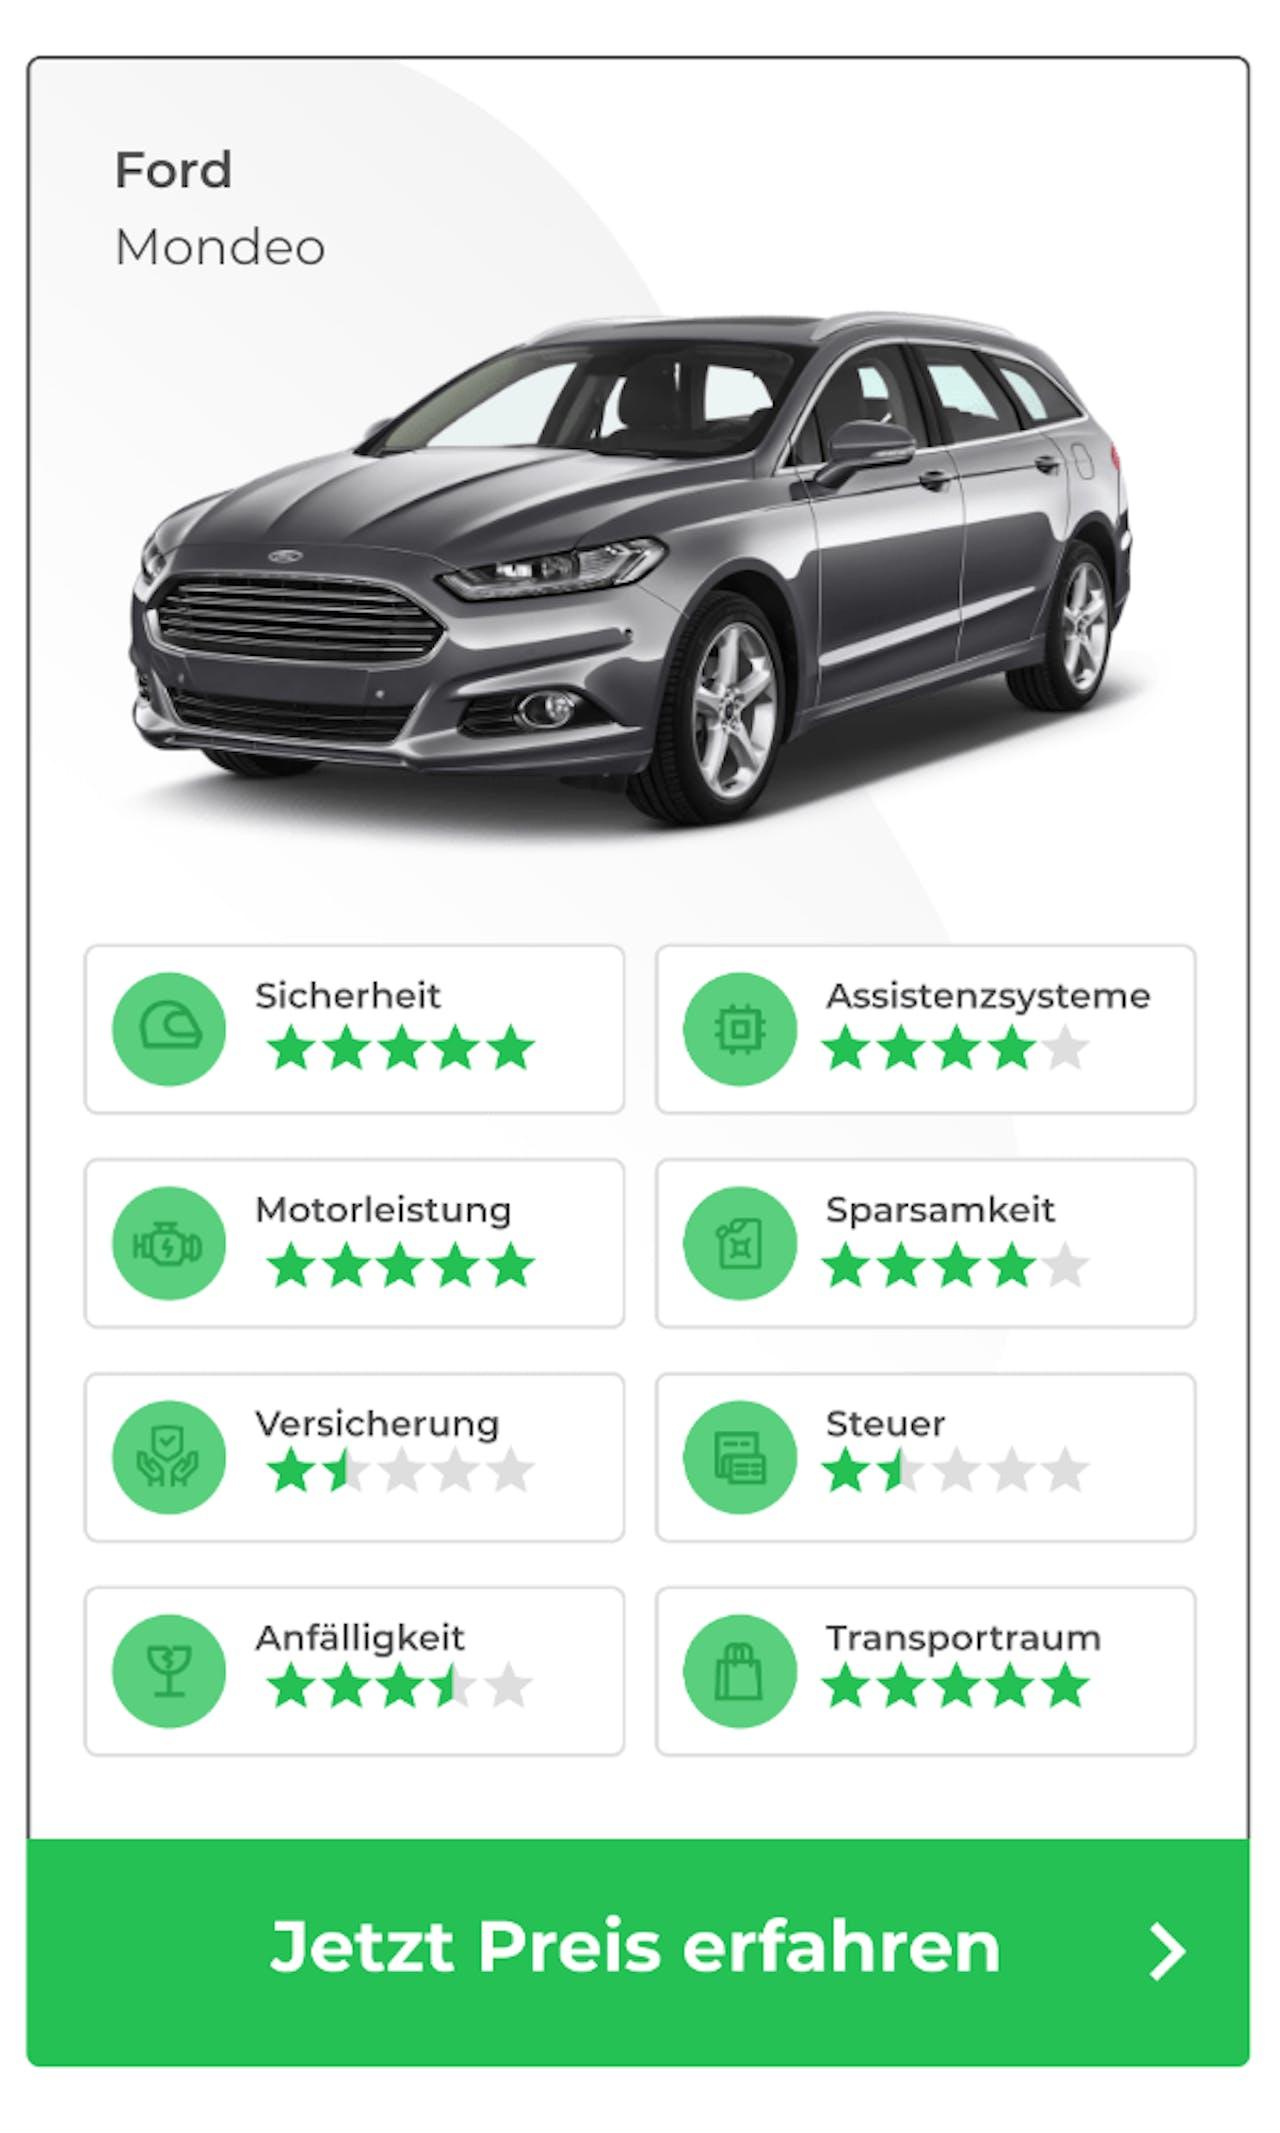 Ford Mondeo Turnier (Kombi) Testergebnisse im Vergleich der besten ersten Autos